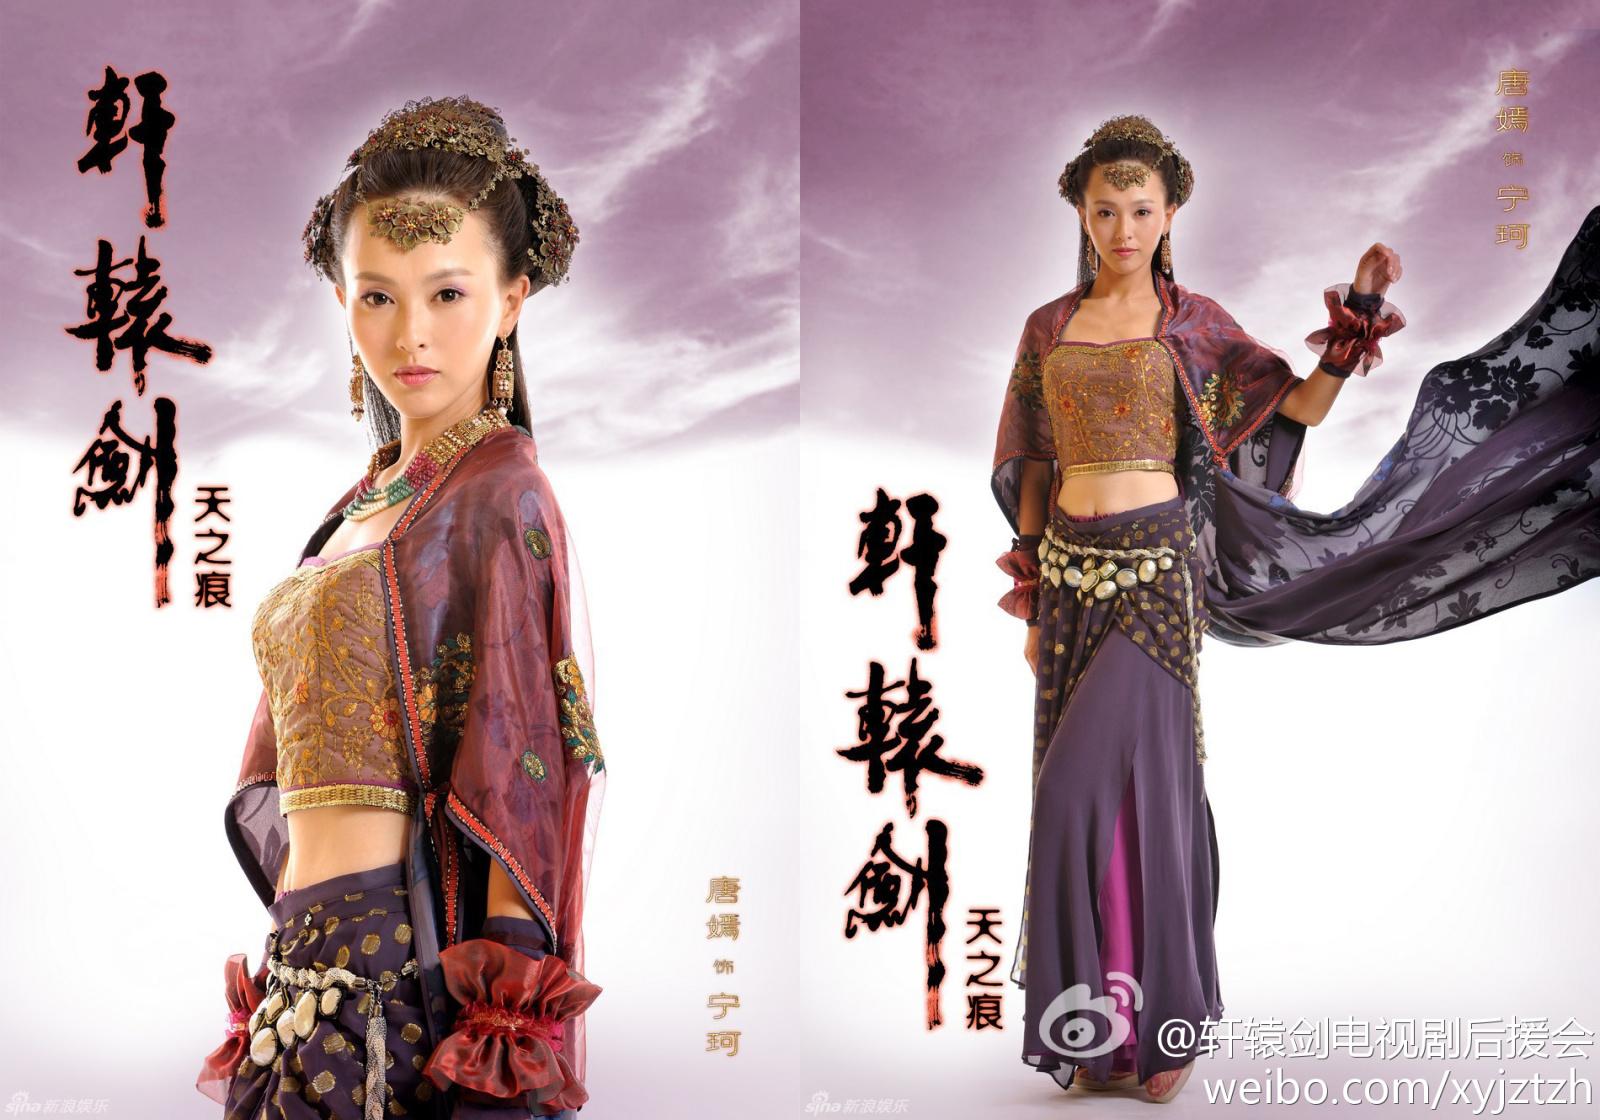 [Thông Tin Phim] Hiên Viên Kiếm - Thiên Chi Ngân - Hồ Ca[2012] - Page 2 79d03badjw1djmk4srnaoj